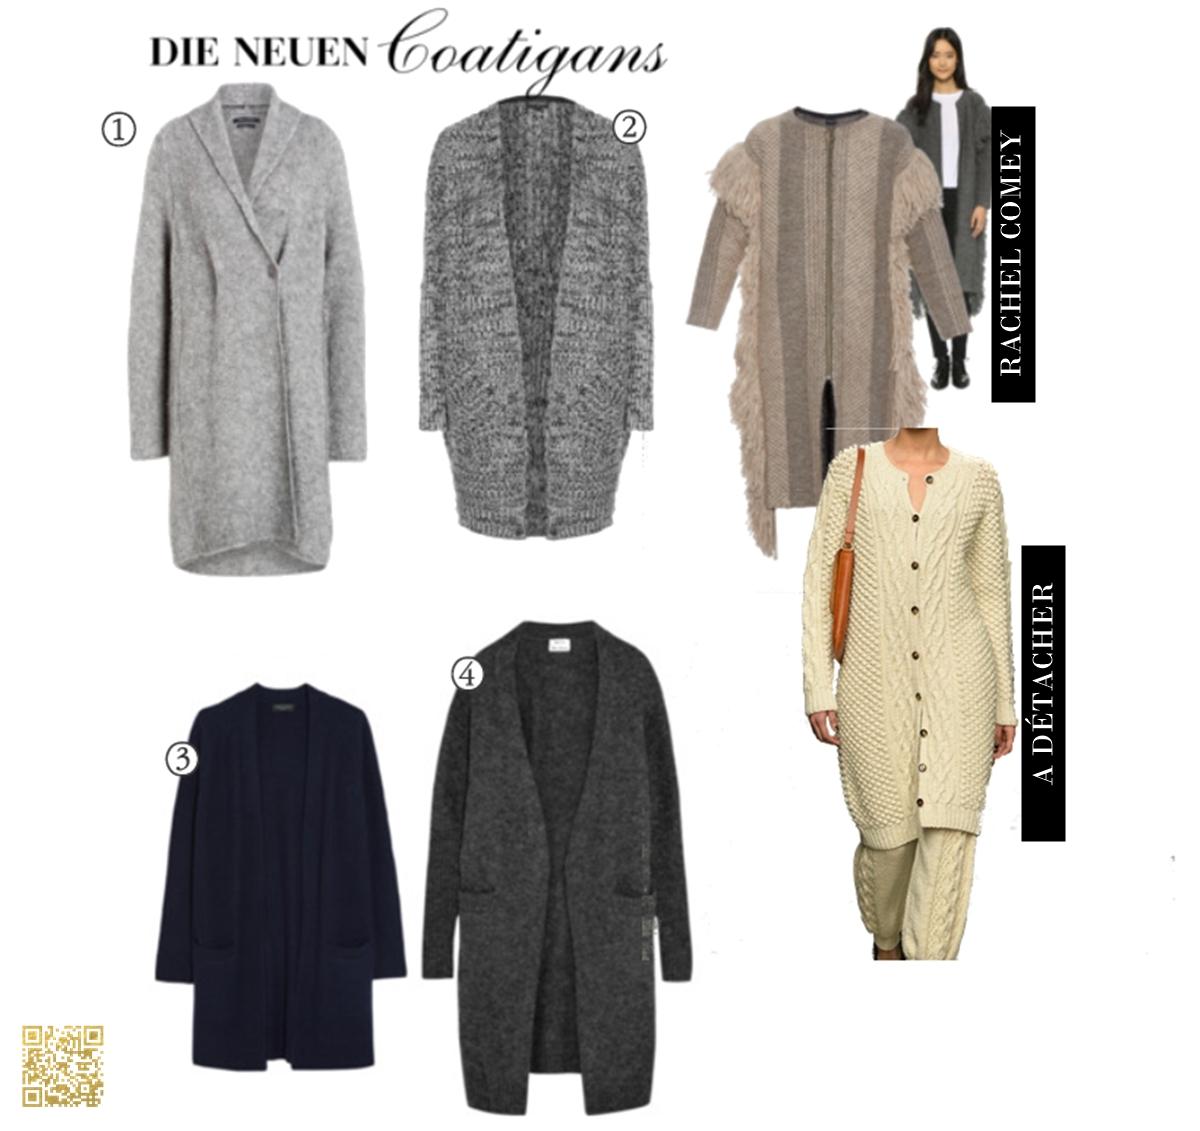 Zieht euch warm an - Die neue Coatigans / / Dress warm - the new coatigans